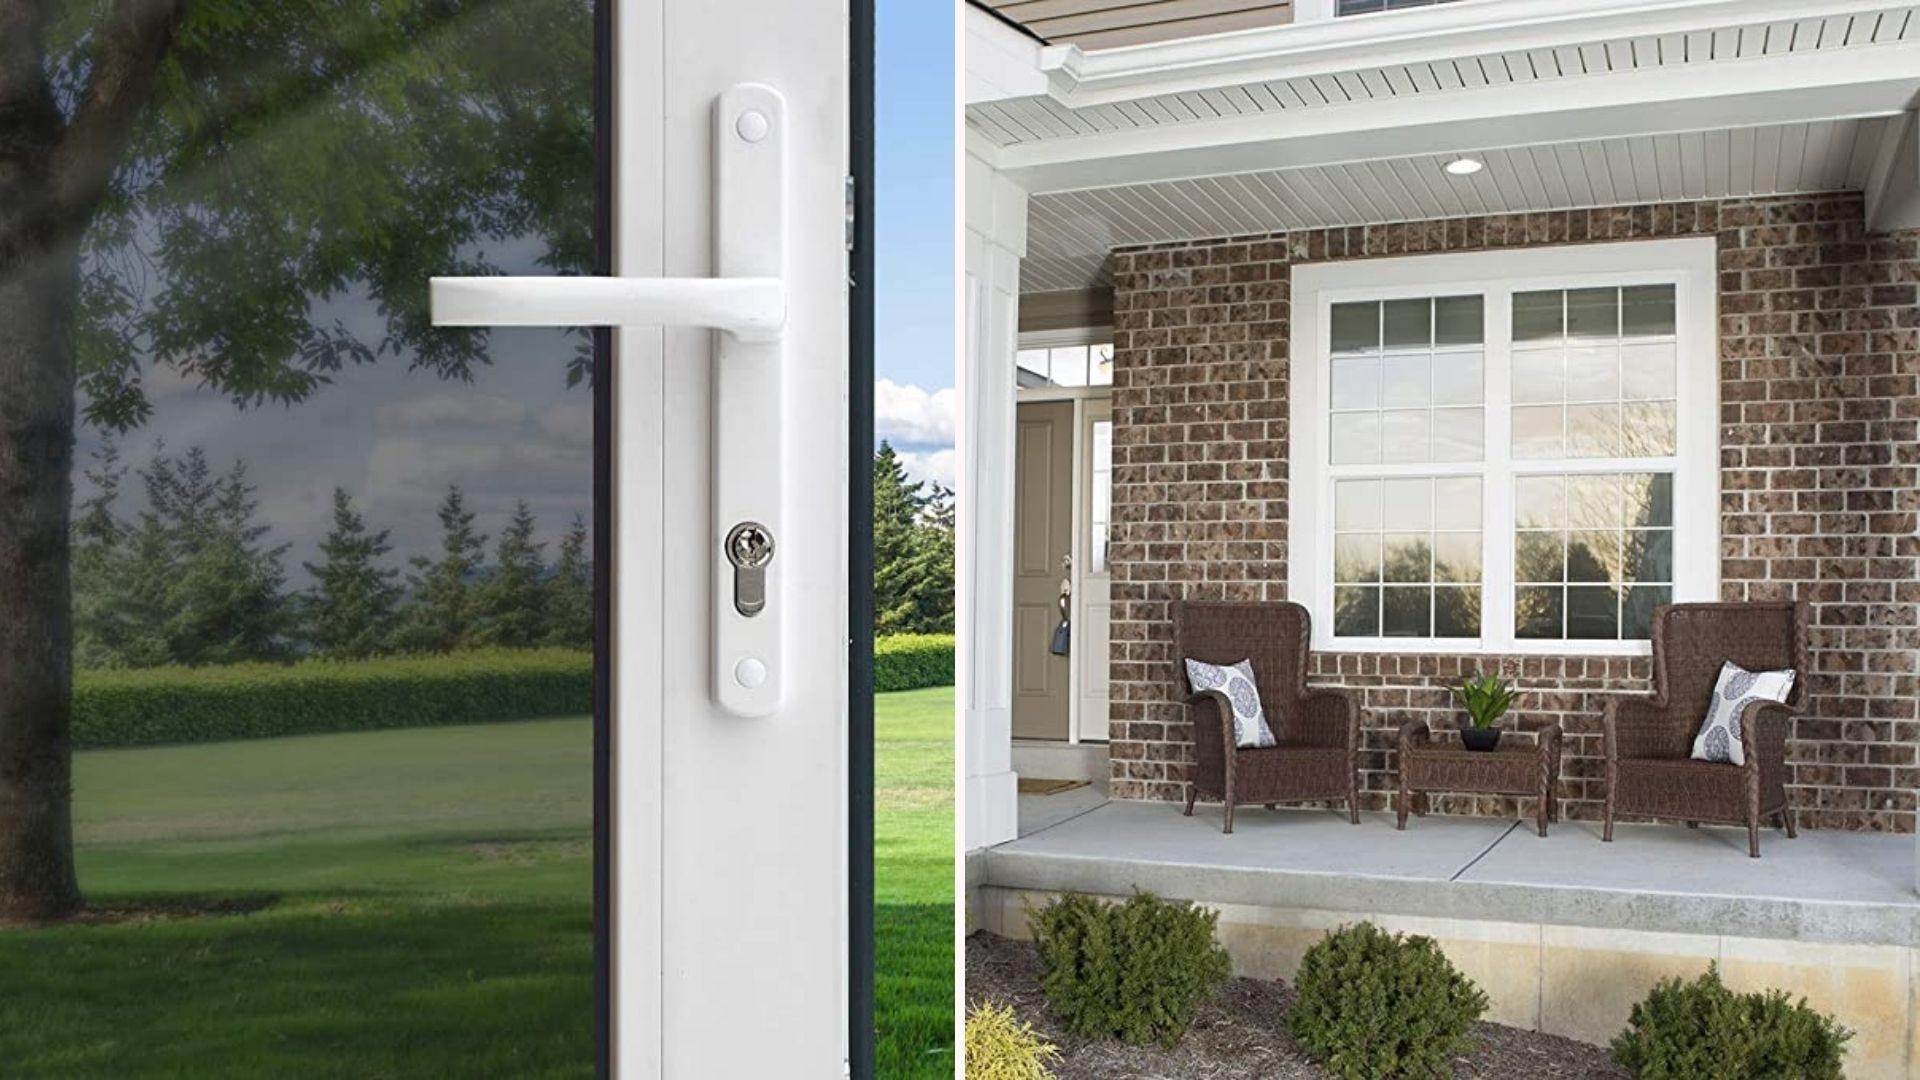 Слева вид снаружи через оконную пленку, а справа оконная пленка, обеспечивающая уединение снаружи.